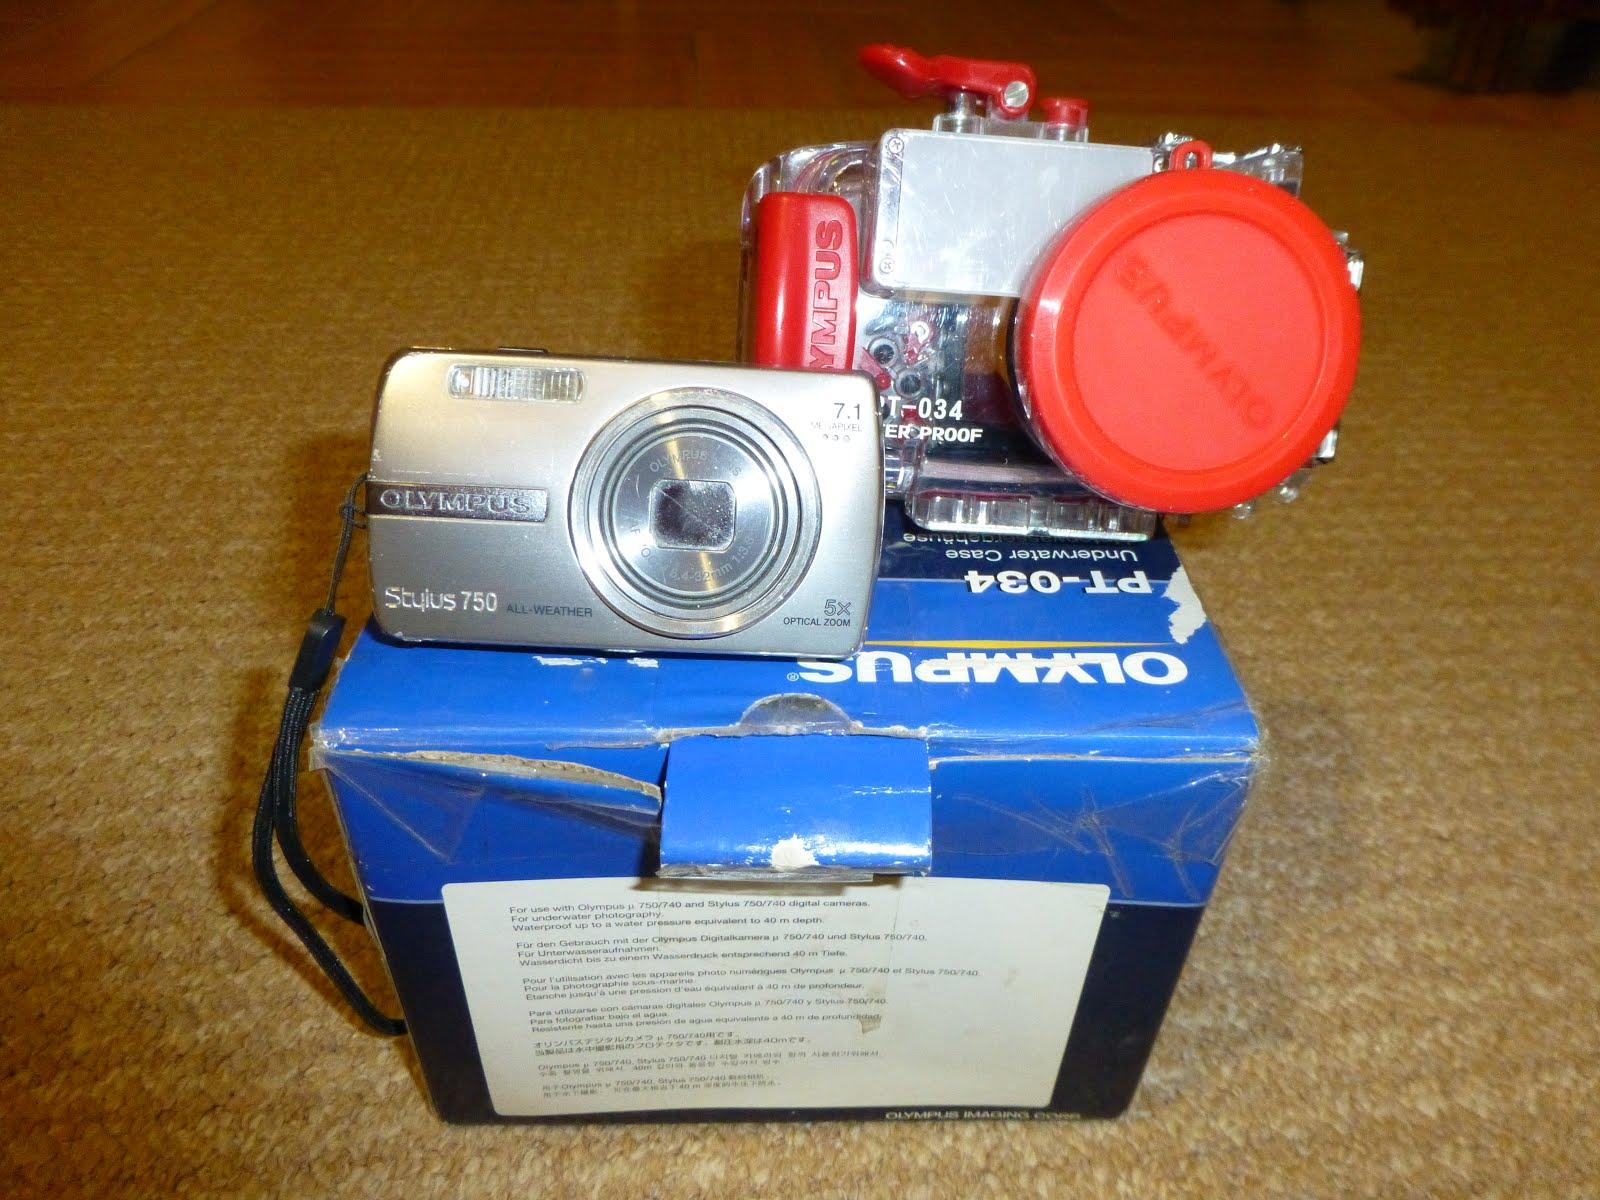 ψηφιακή κάμερα olympus 7mp και υποβρύχια θήκη καινούργια